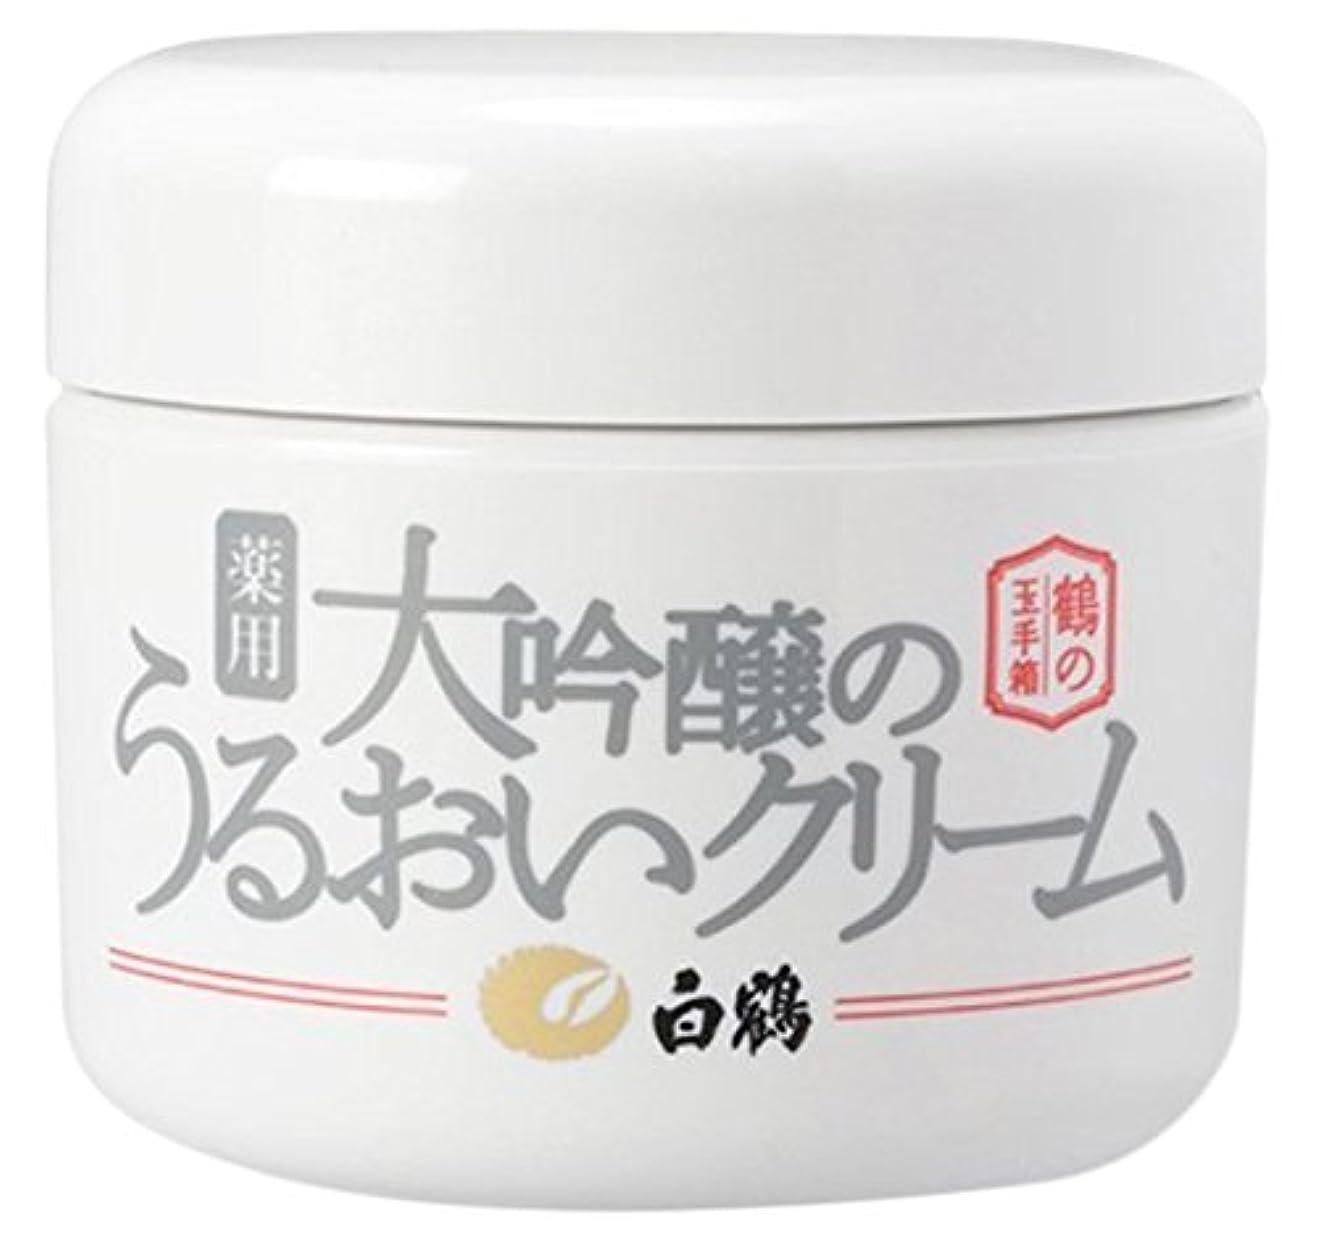 アームストロング第五ネズミ白鶴 鶴の玉手箱 薬用 大吟醸のうるおいクリーム 90g